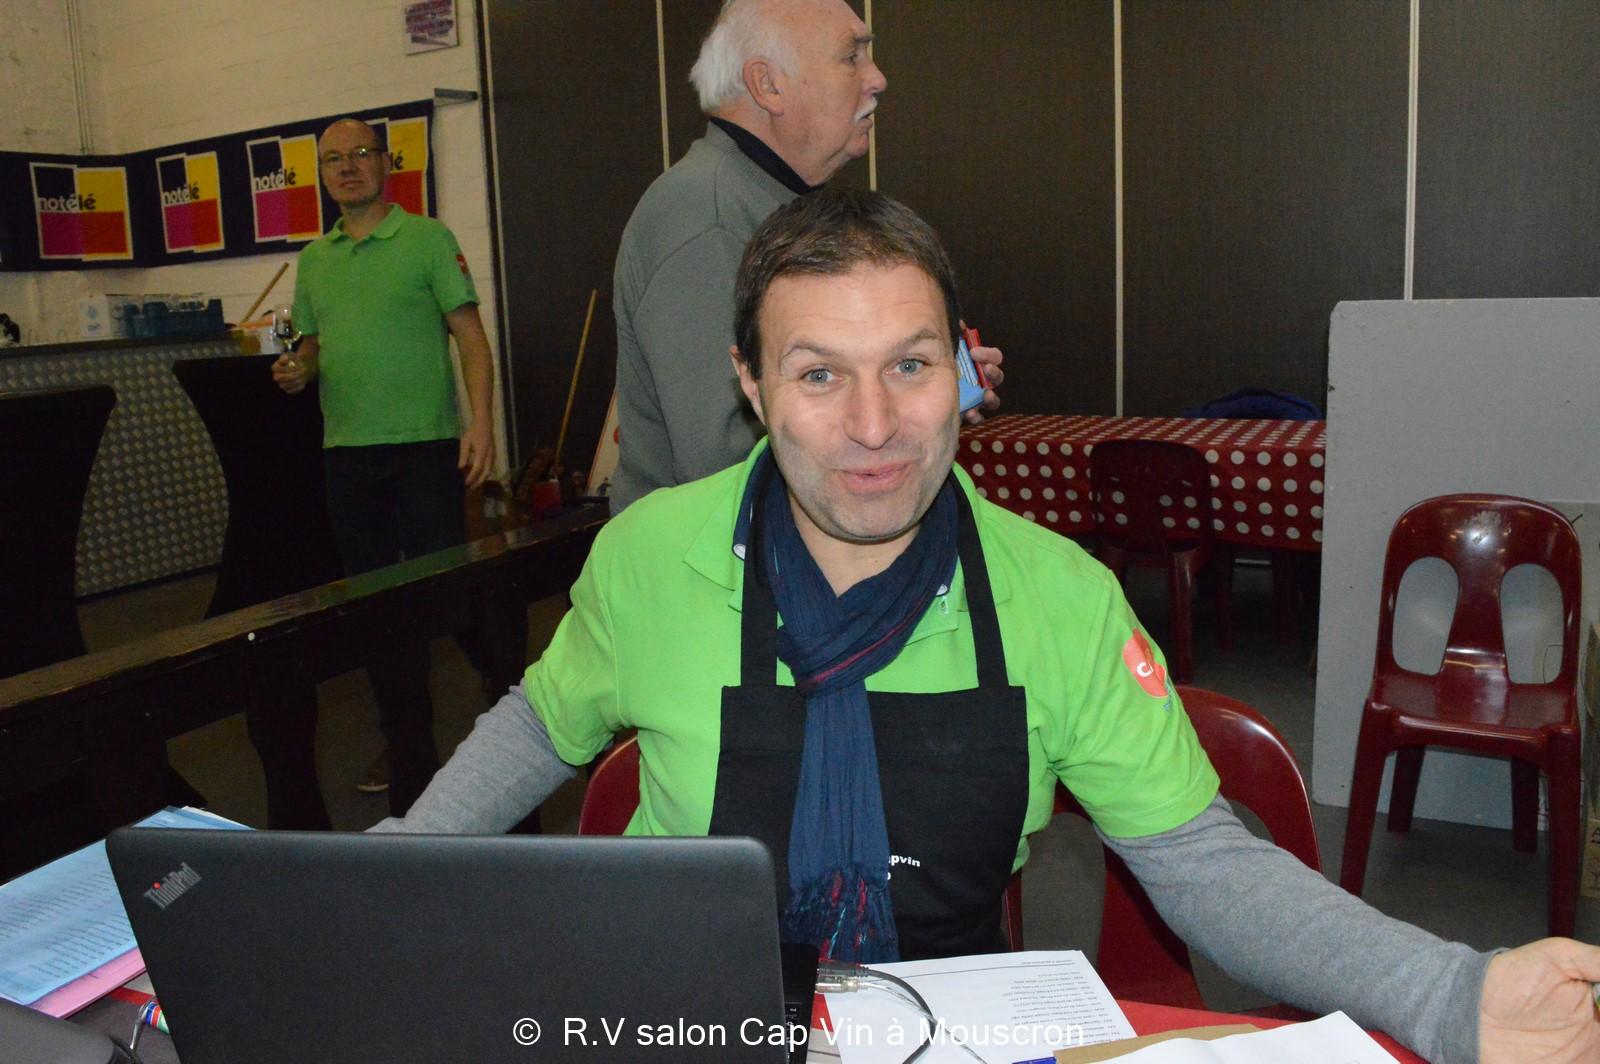 Actualit s mouscron comines mouscron gros succ s pour le salon cap vin qui a pour la - Salon les charmettes mouscron ...